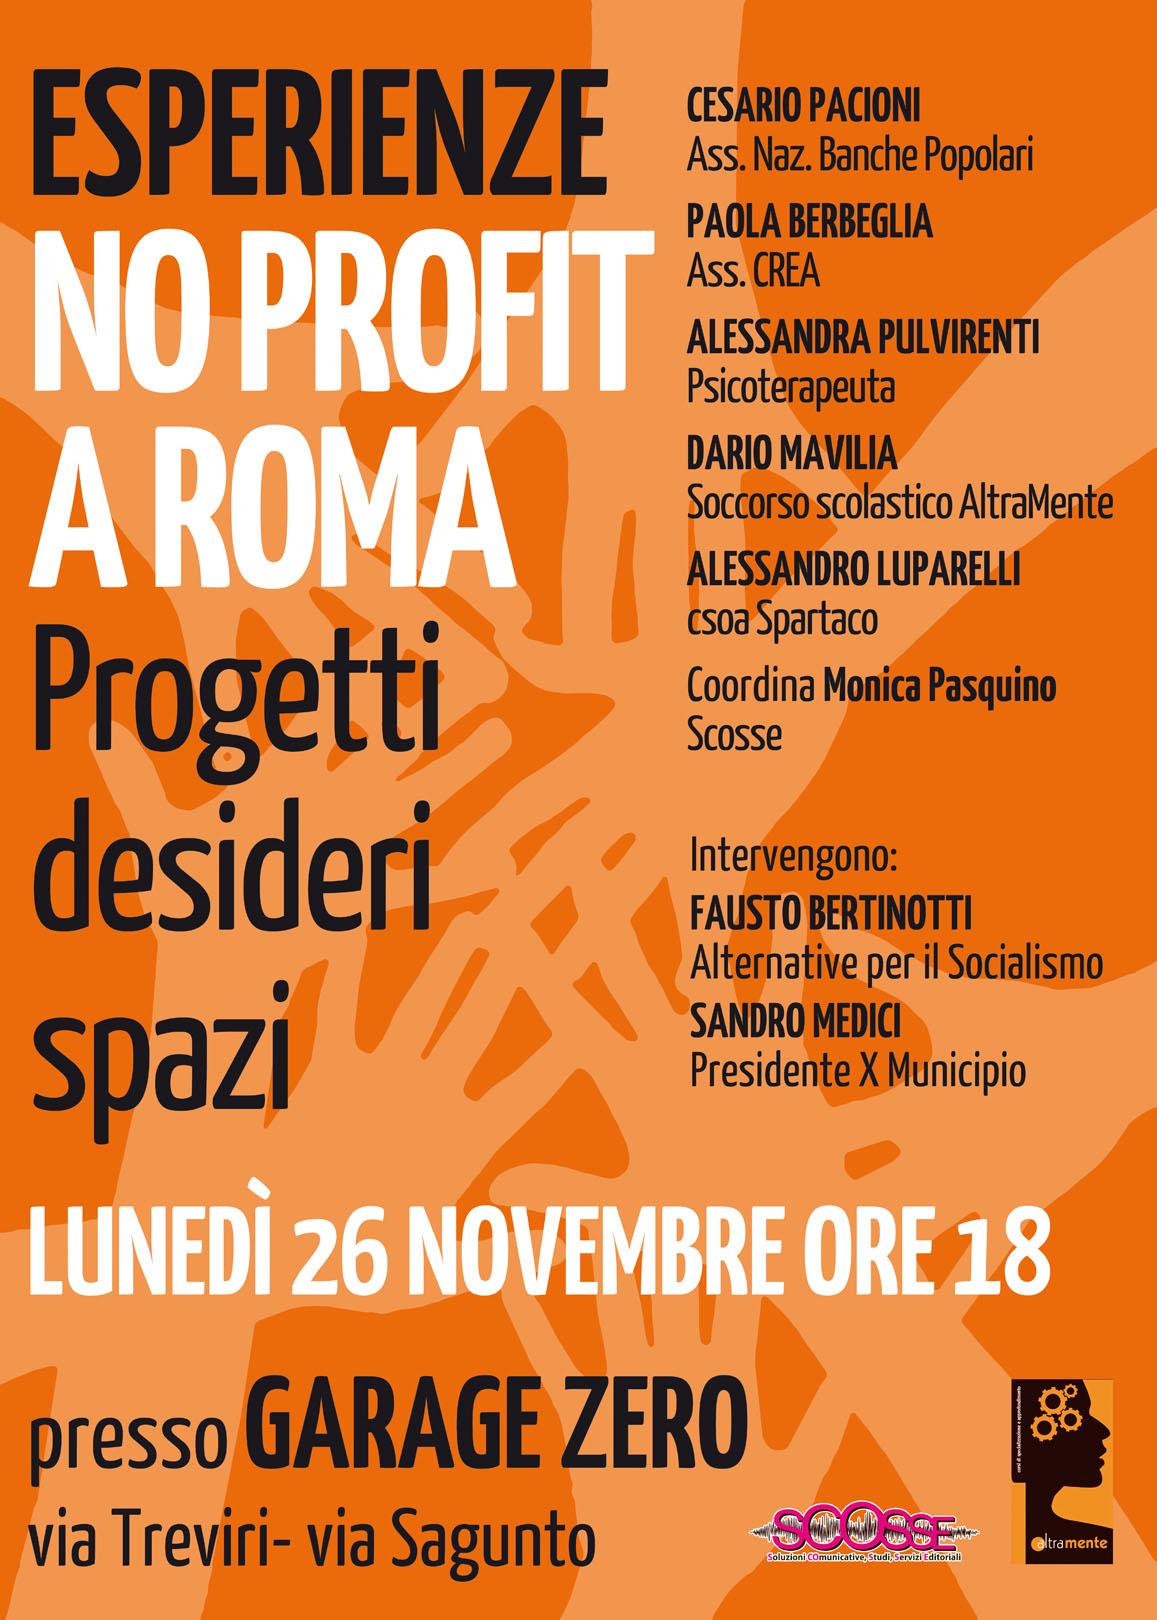 nuovo_spartaco_no_profit